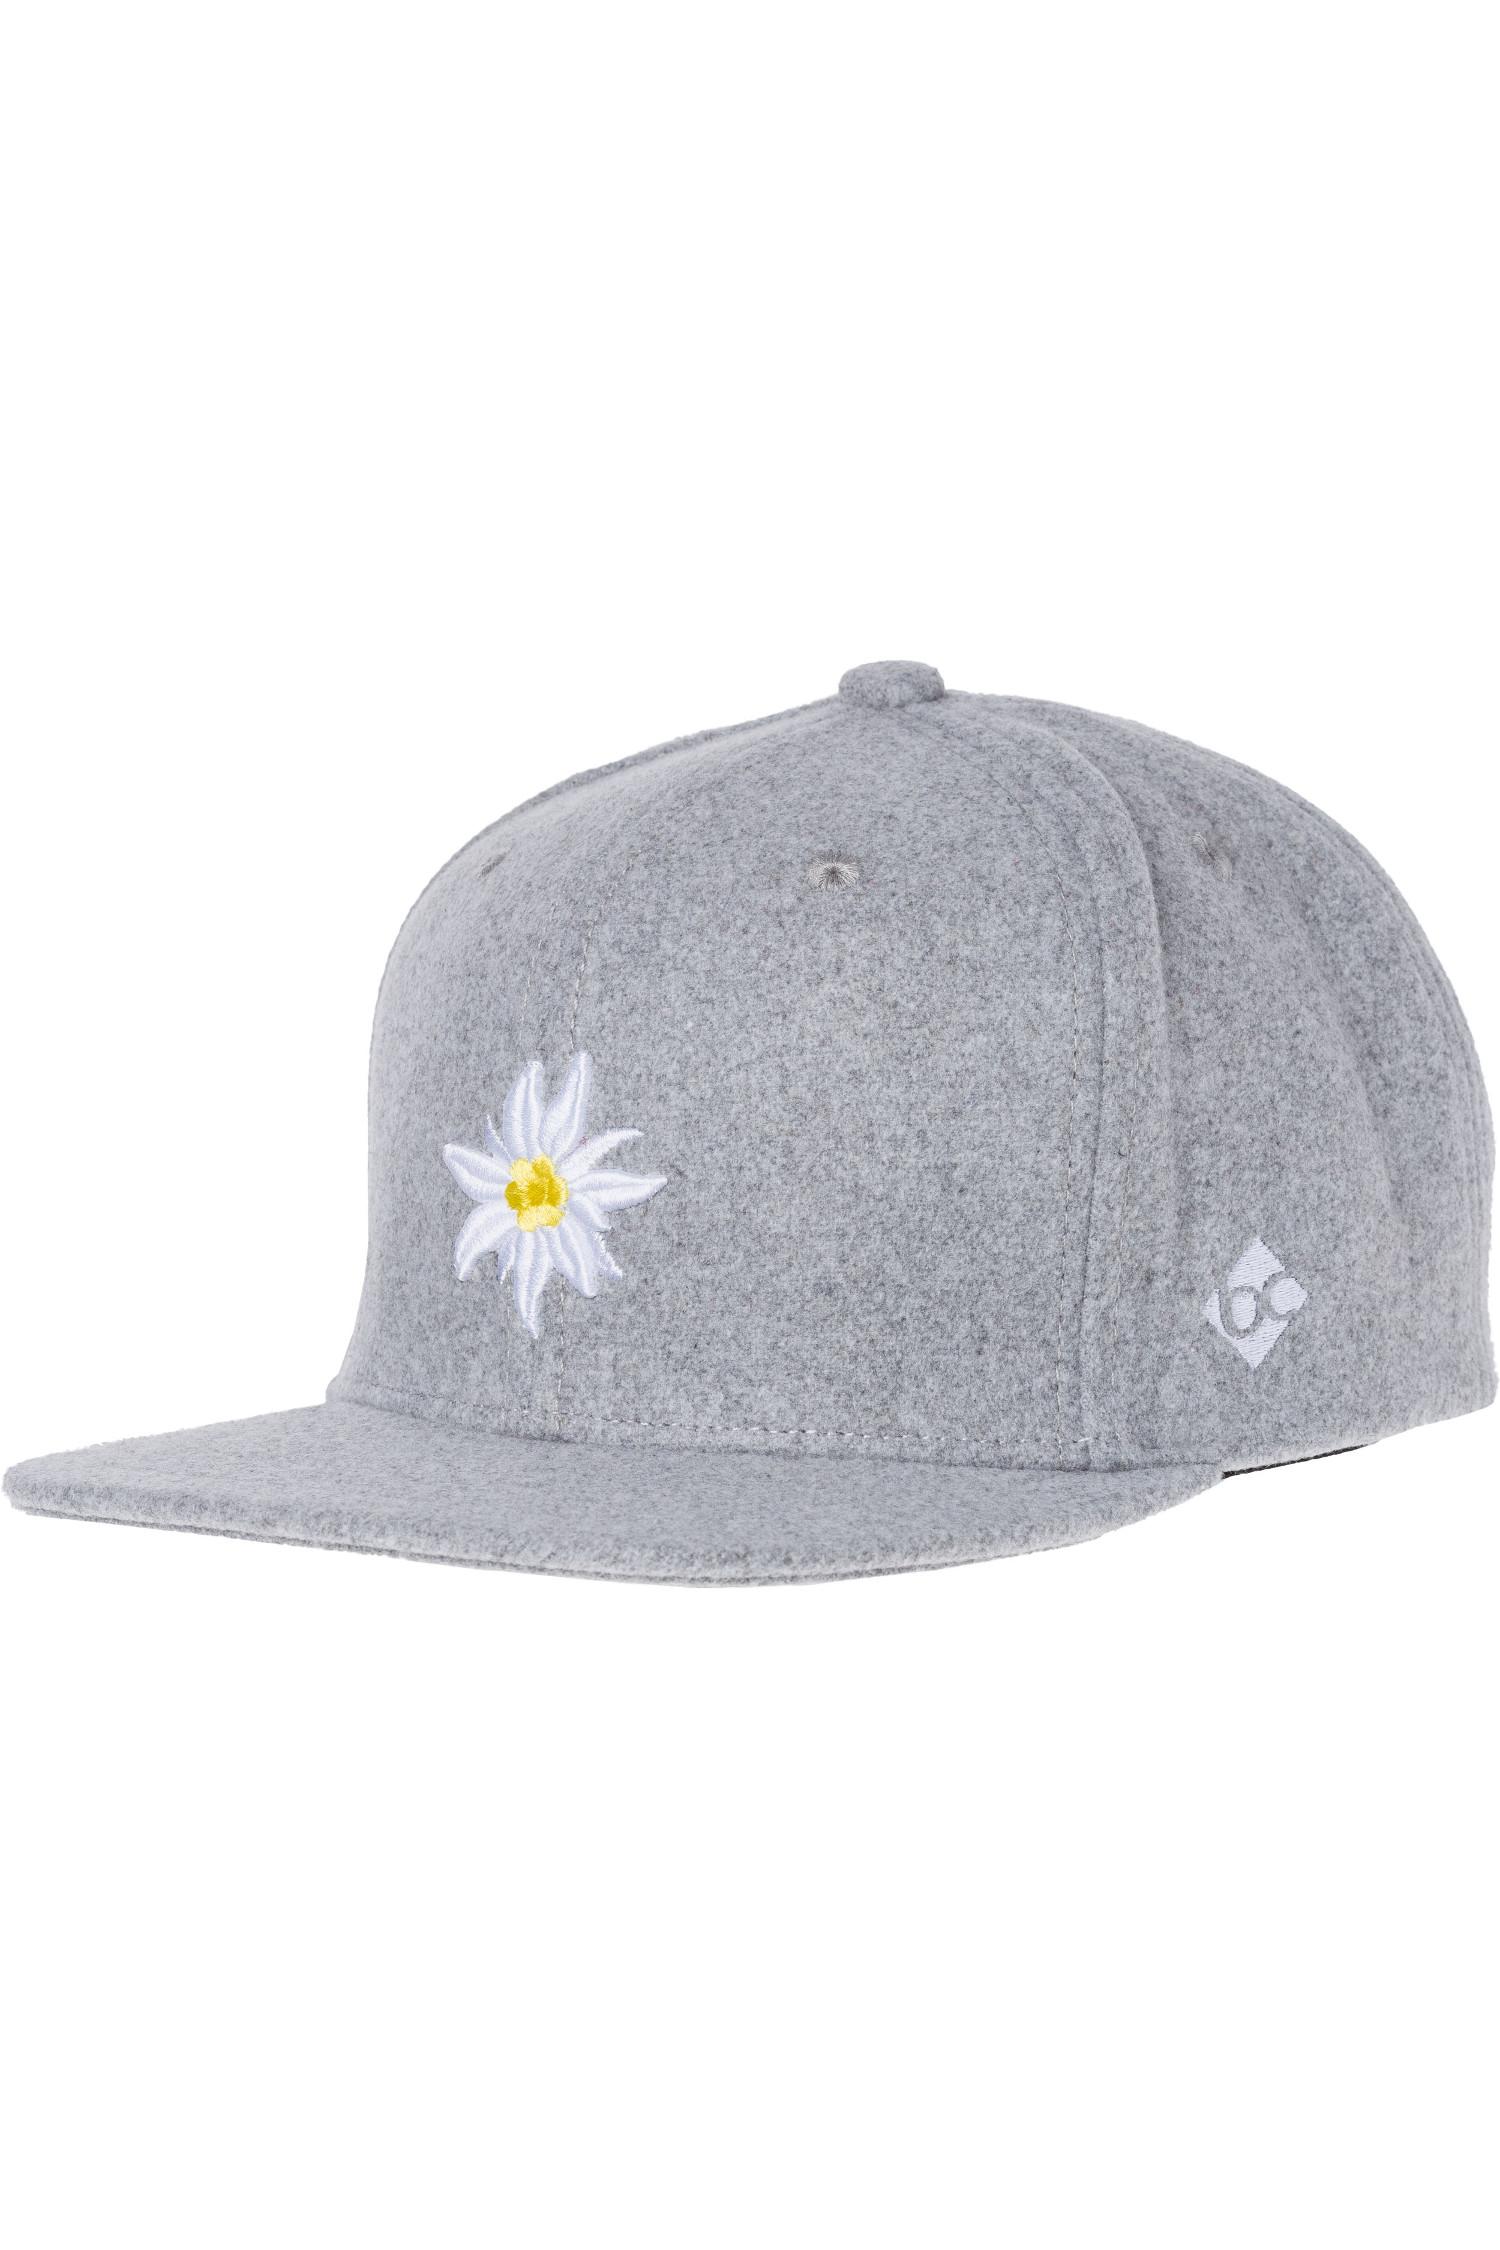 Edelweiss Bavarian Cap * | hellgrau